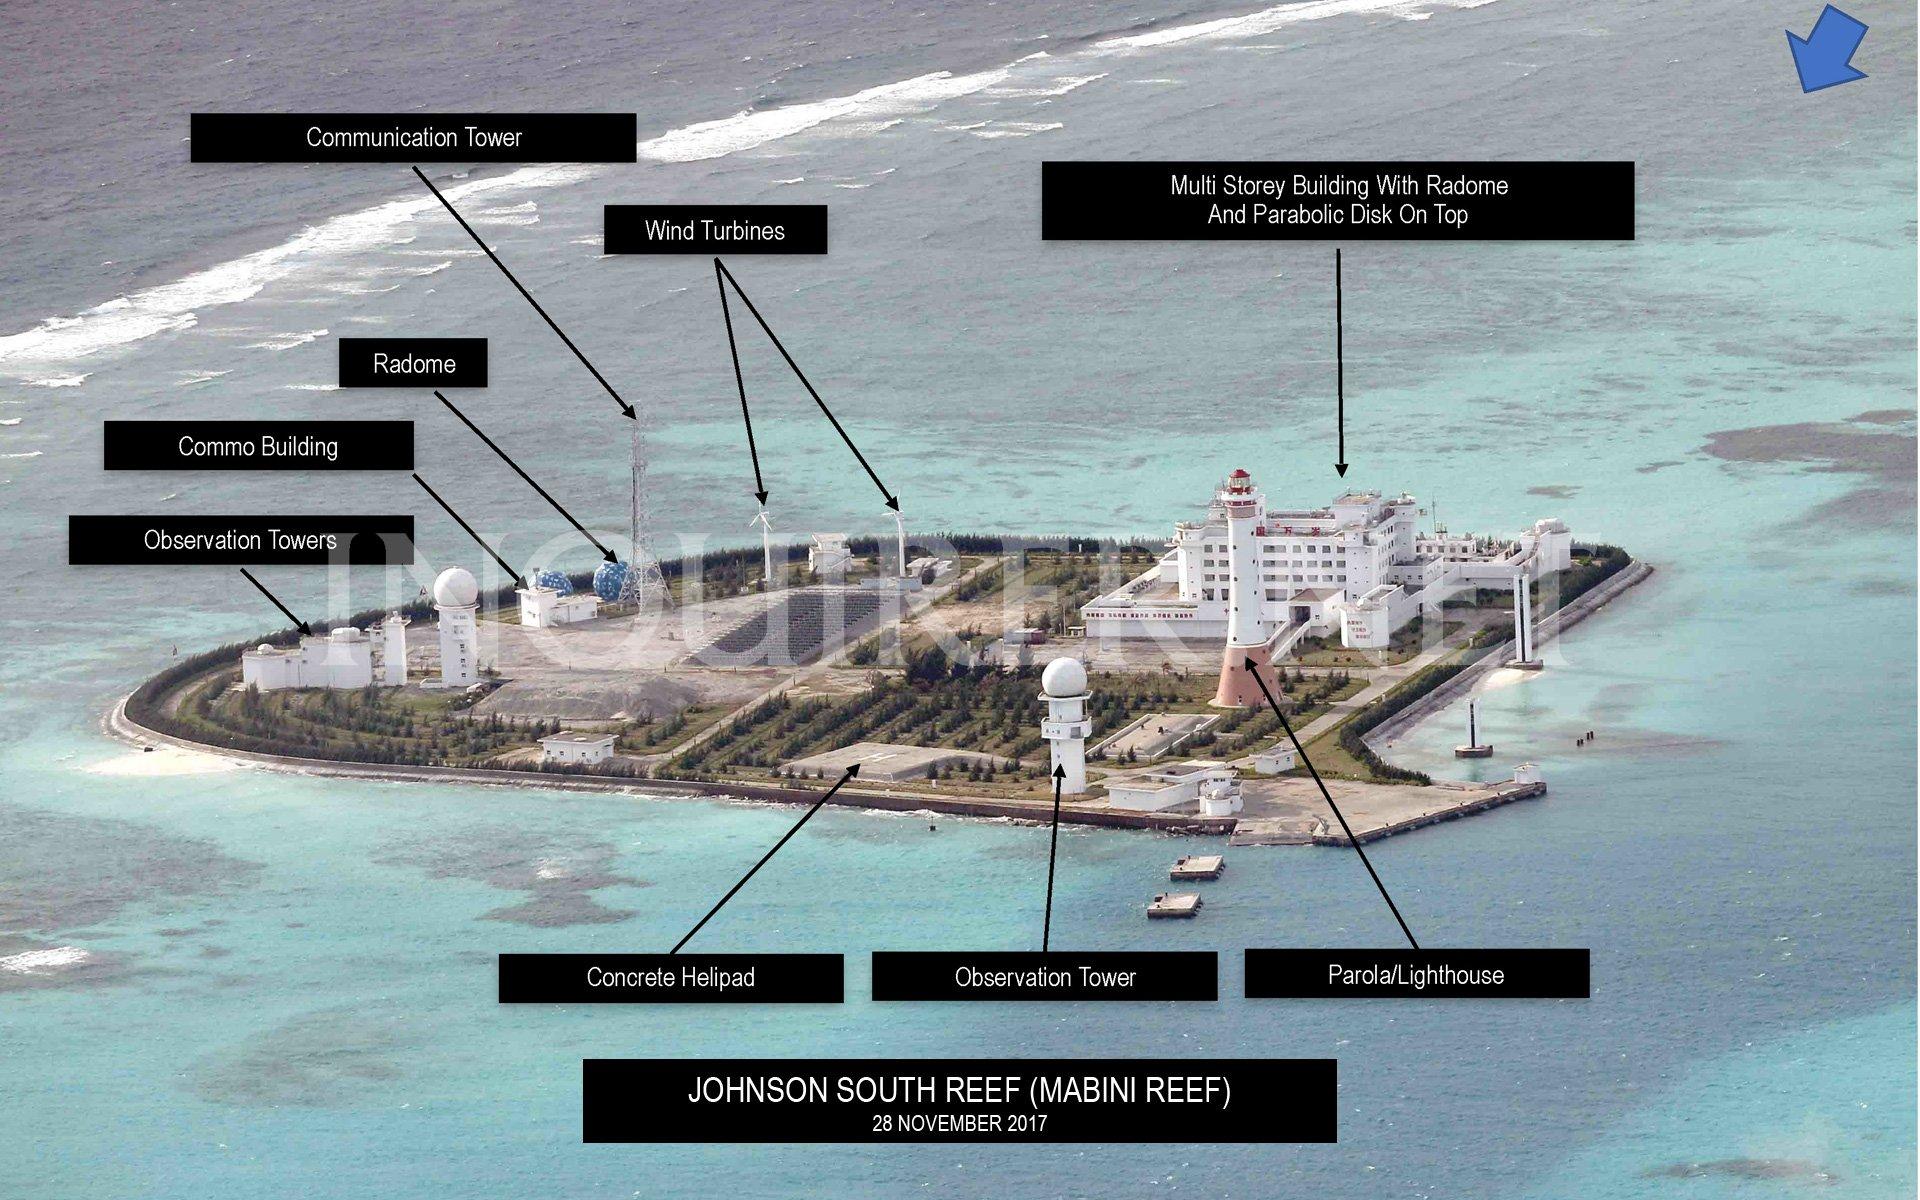 Báo Philippines đăng ảnh mới về 7 đảo được Trung Cộng quân sự hóa ở Trường Sa